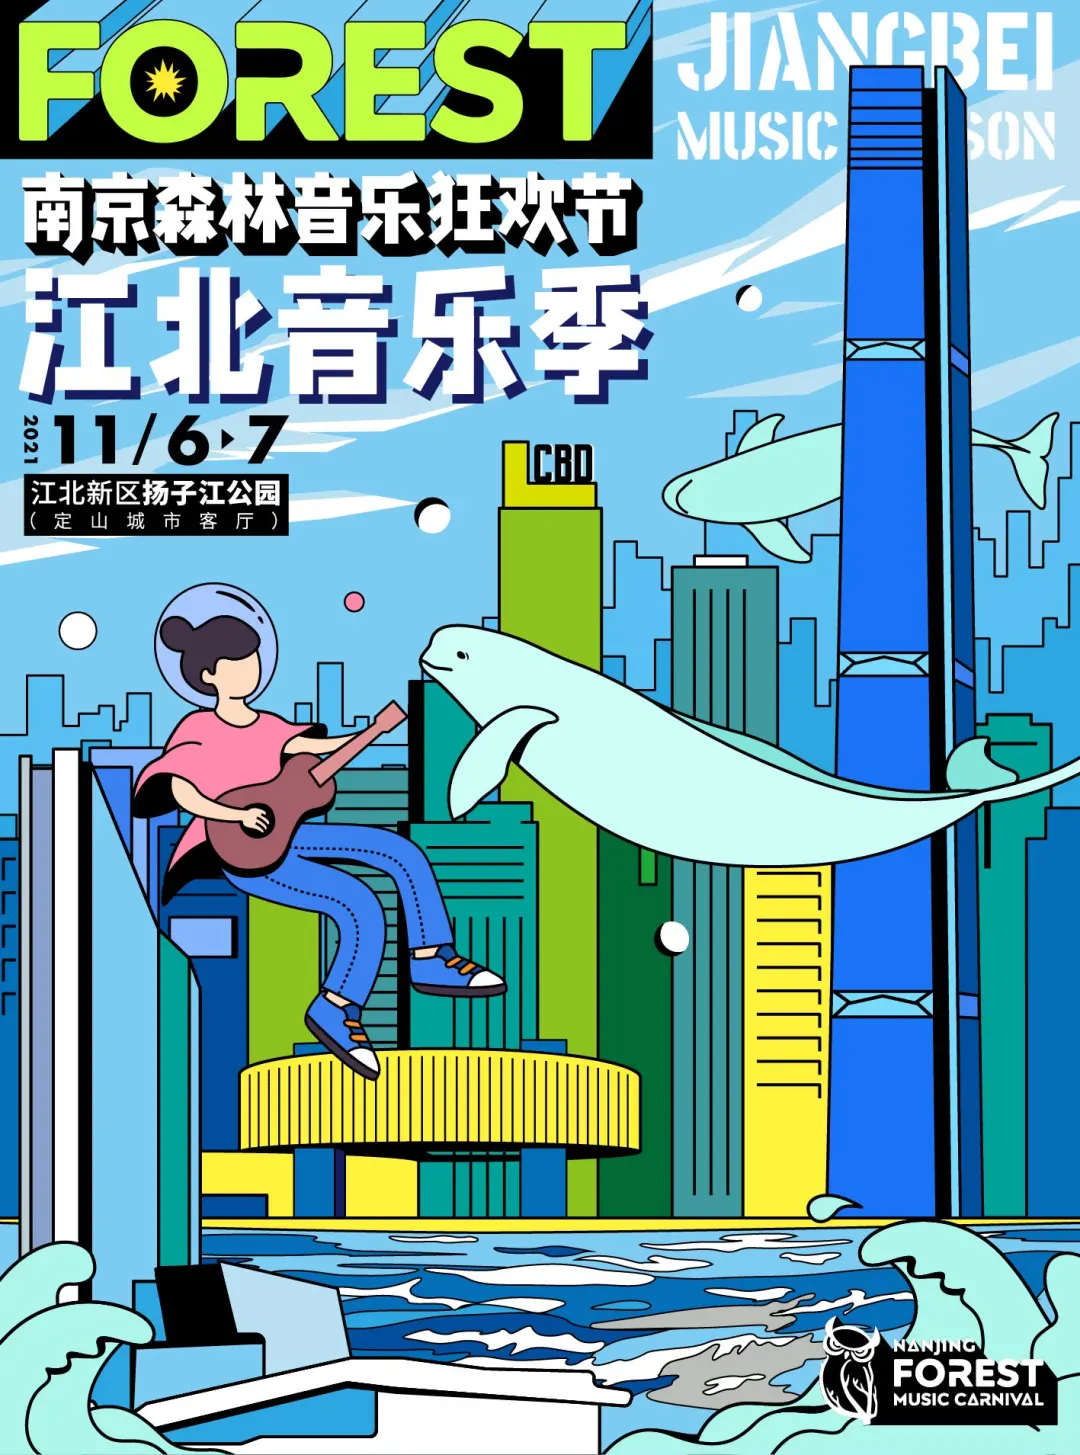 【南京】2021南京森林音乐狂欢节·江北音乐季